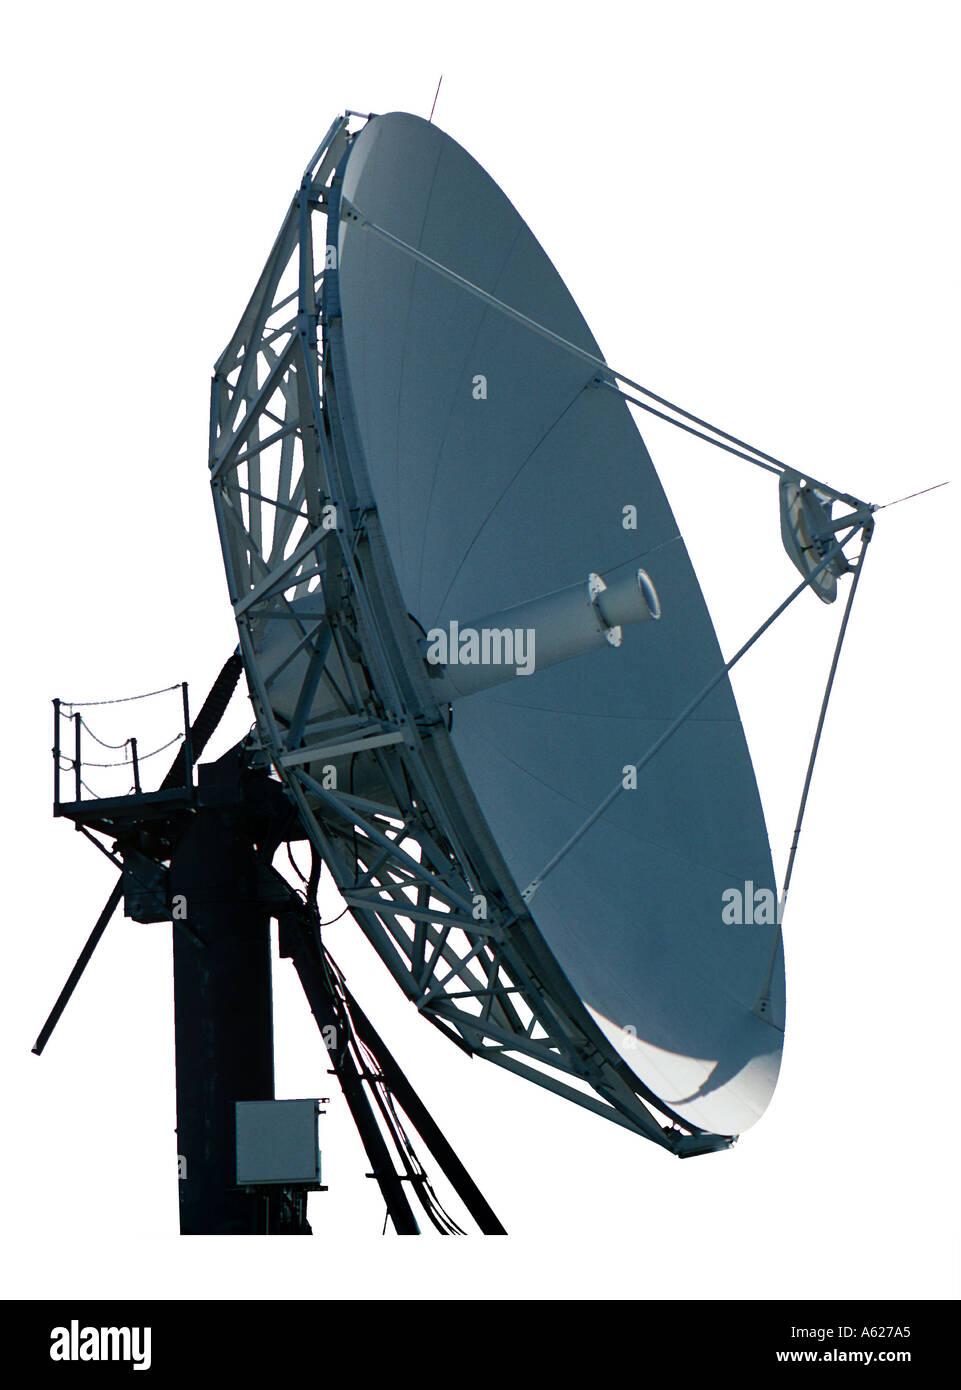 Antena parabólica para la industria de comunicaciones Foto de stock